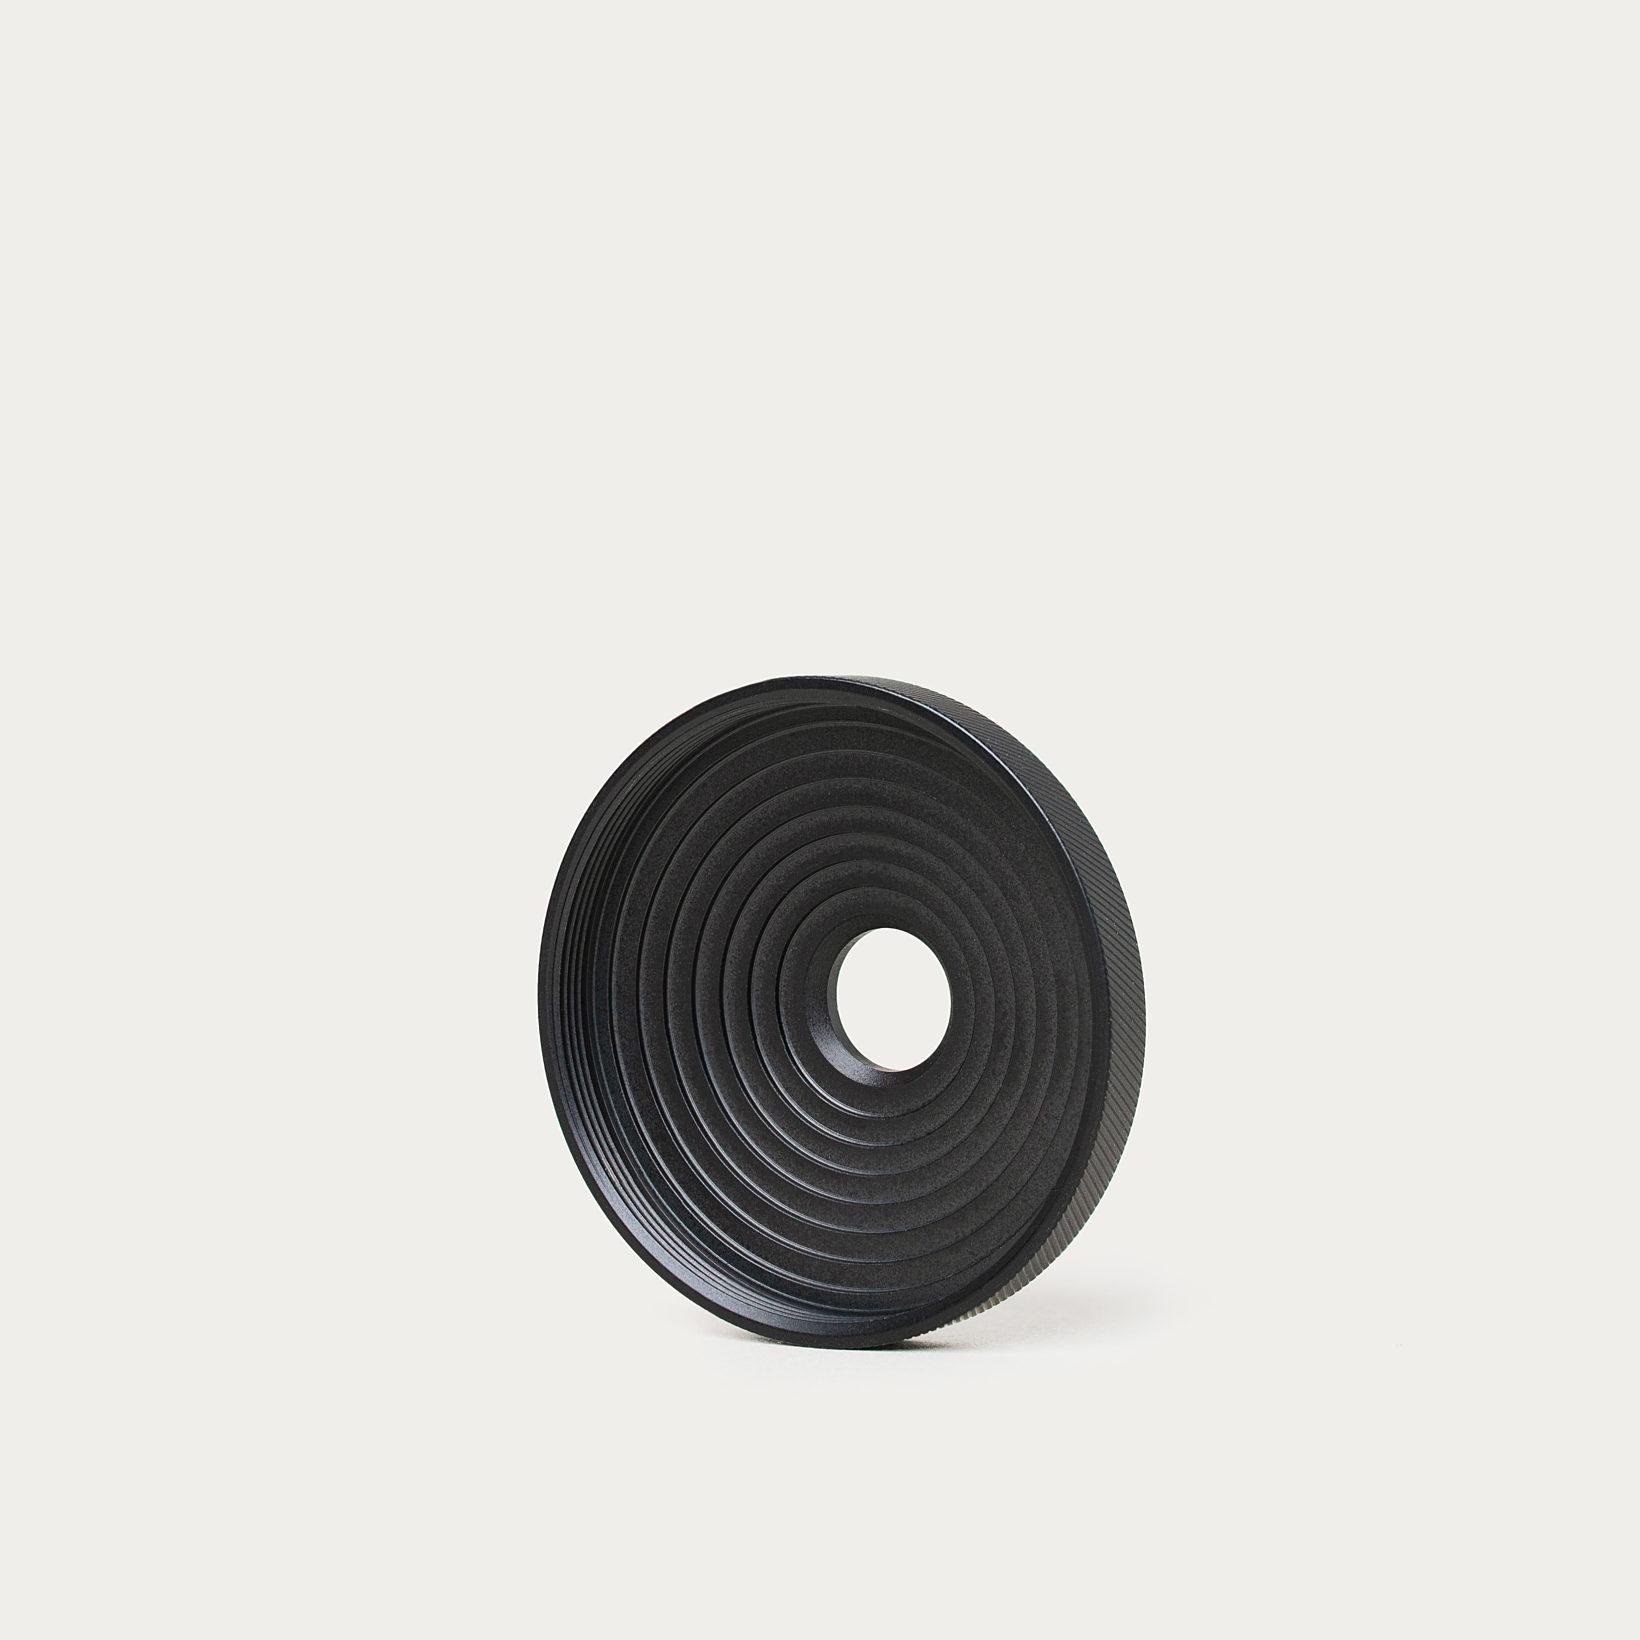 5 mm x 10 mt Dor/é Filet Adh/ésif